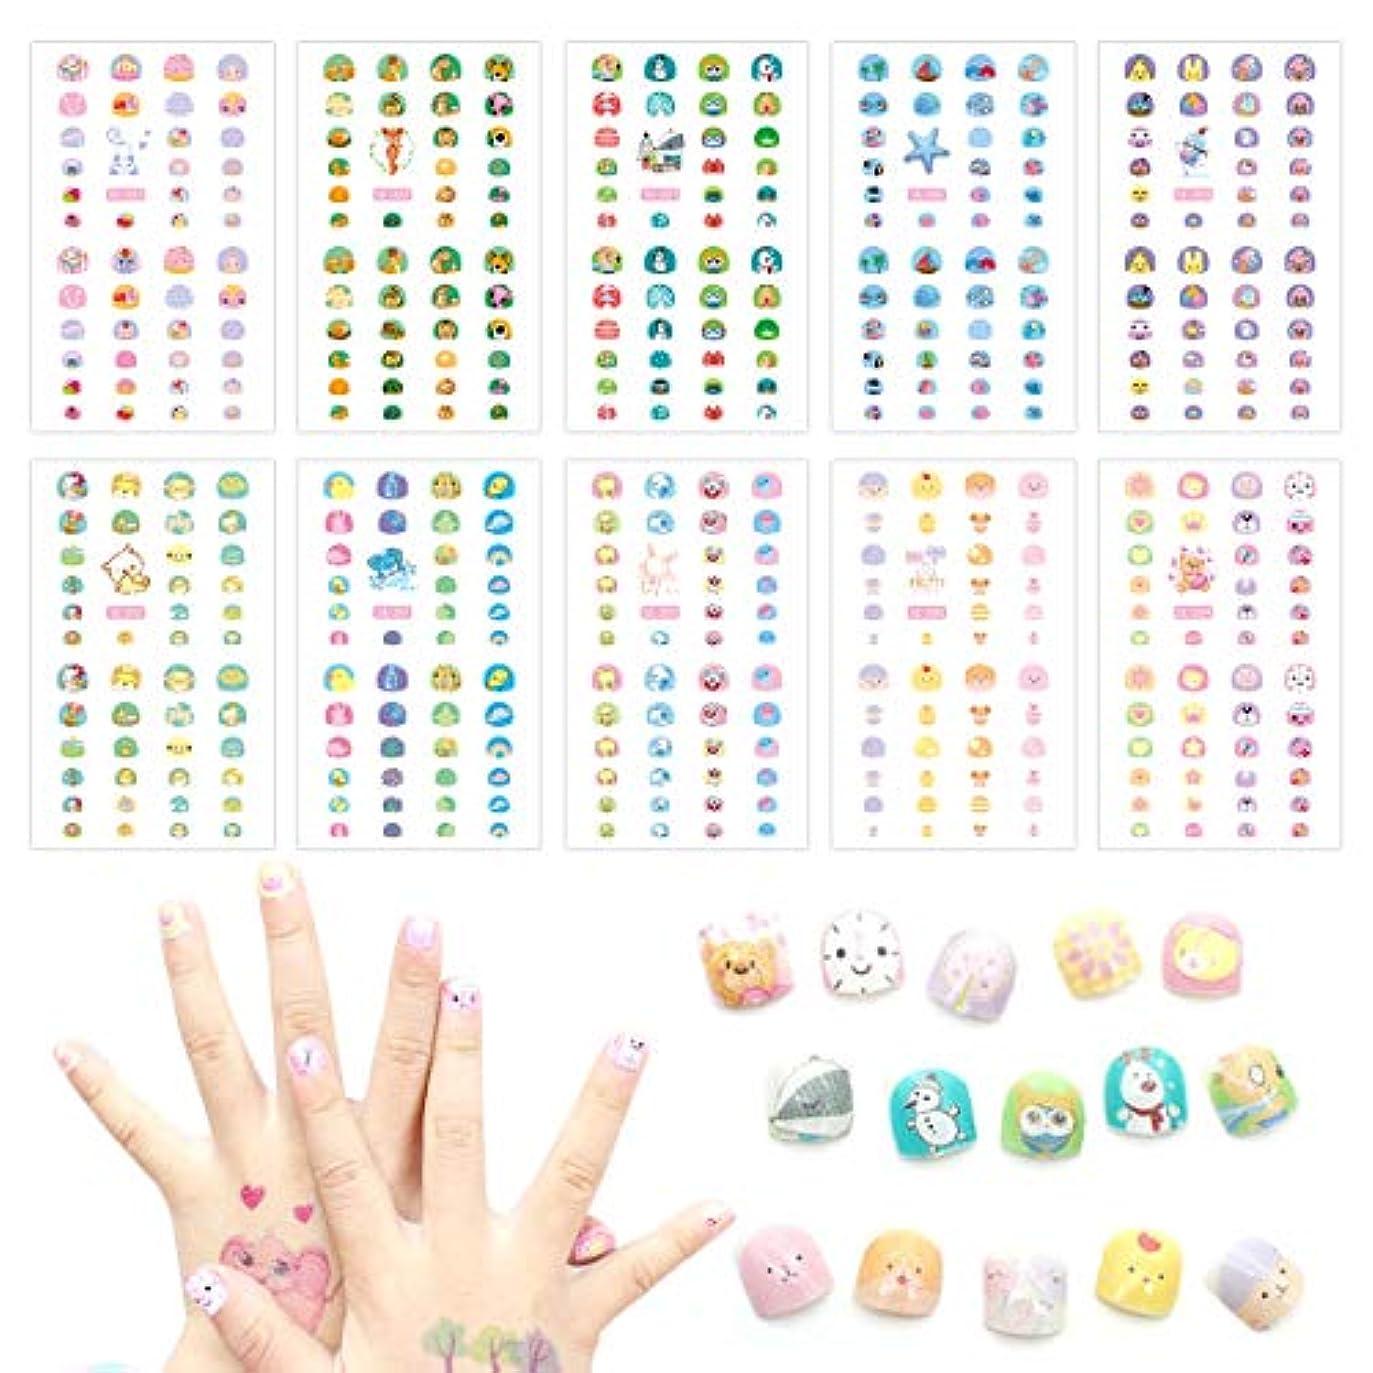 テーブル値下げボンドHANGNUO ネイルシール デザイン かわいい キャラクター 選べる200種類 極薄 シンプル (子供用)